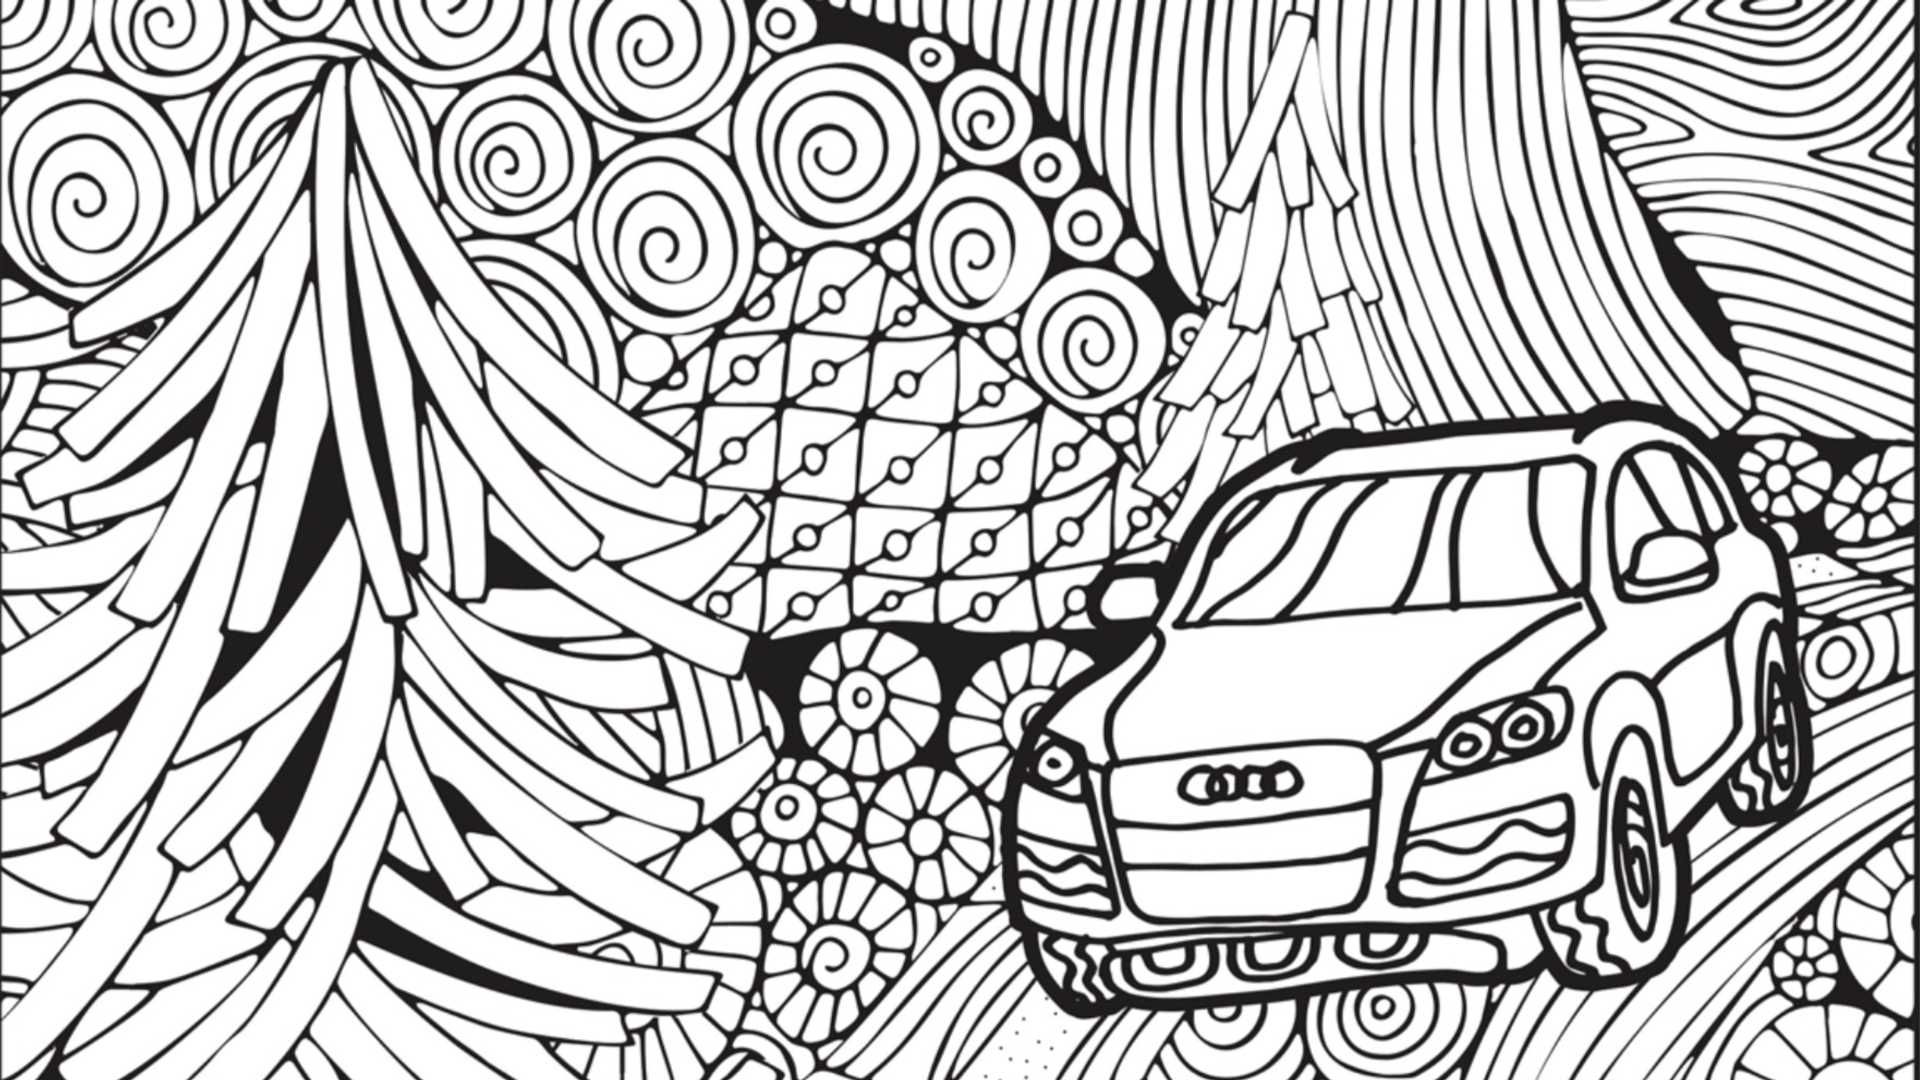 audi-coloring-book-1